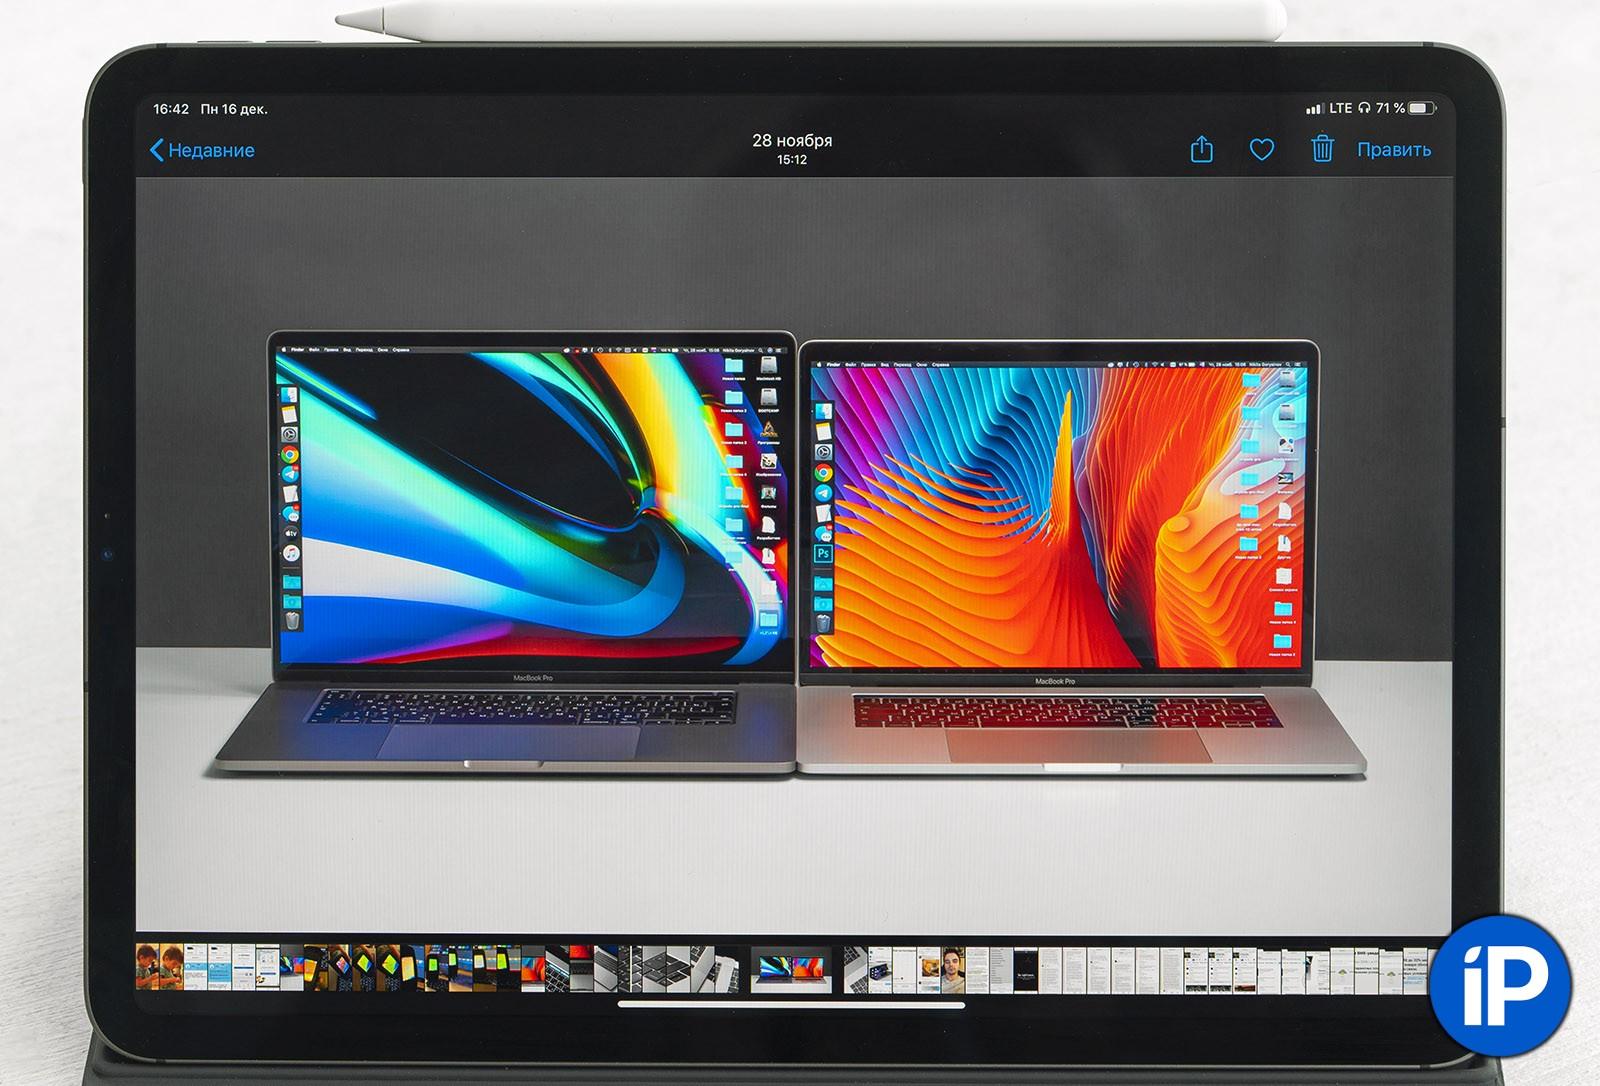 ipad pro no notebook review 6 - Я месяц работал на iPad Pro и заменил им ноутбук. Делюсь впечатлениями